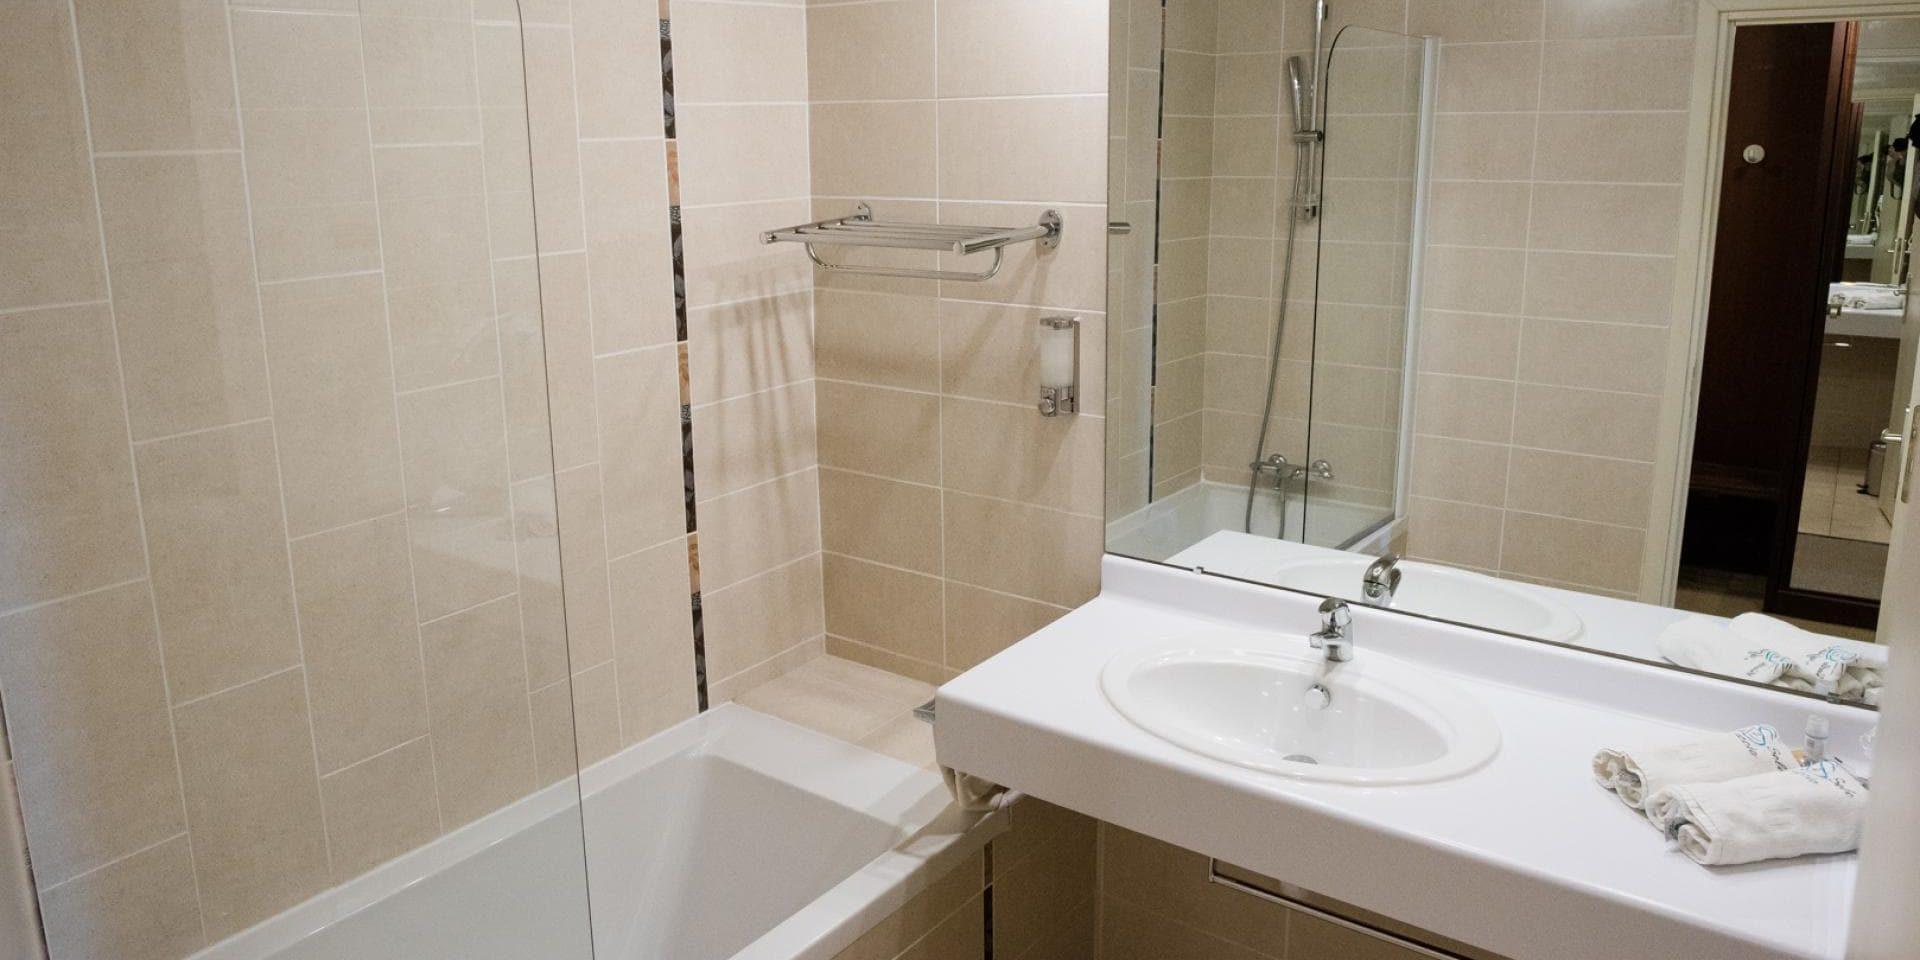 Hotel Cala di Sole Ajaccio Corsica Frankrijk badkamer tweepersoonskamer type standaard